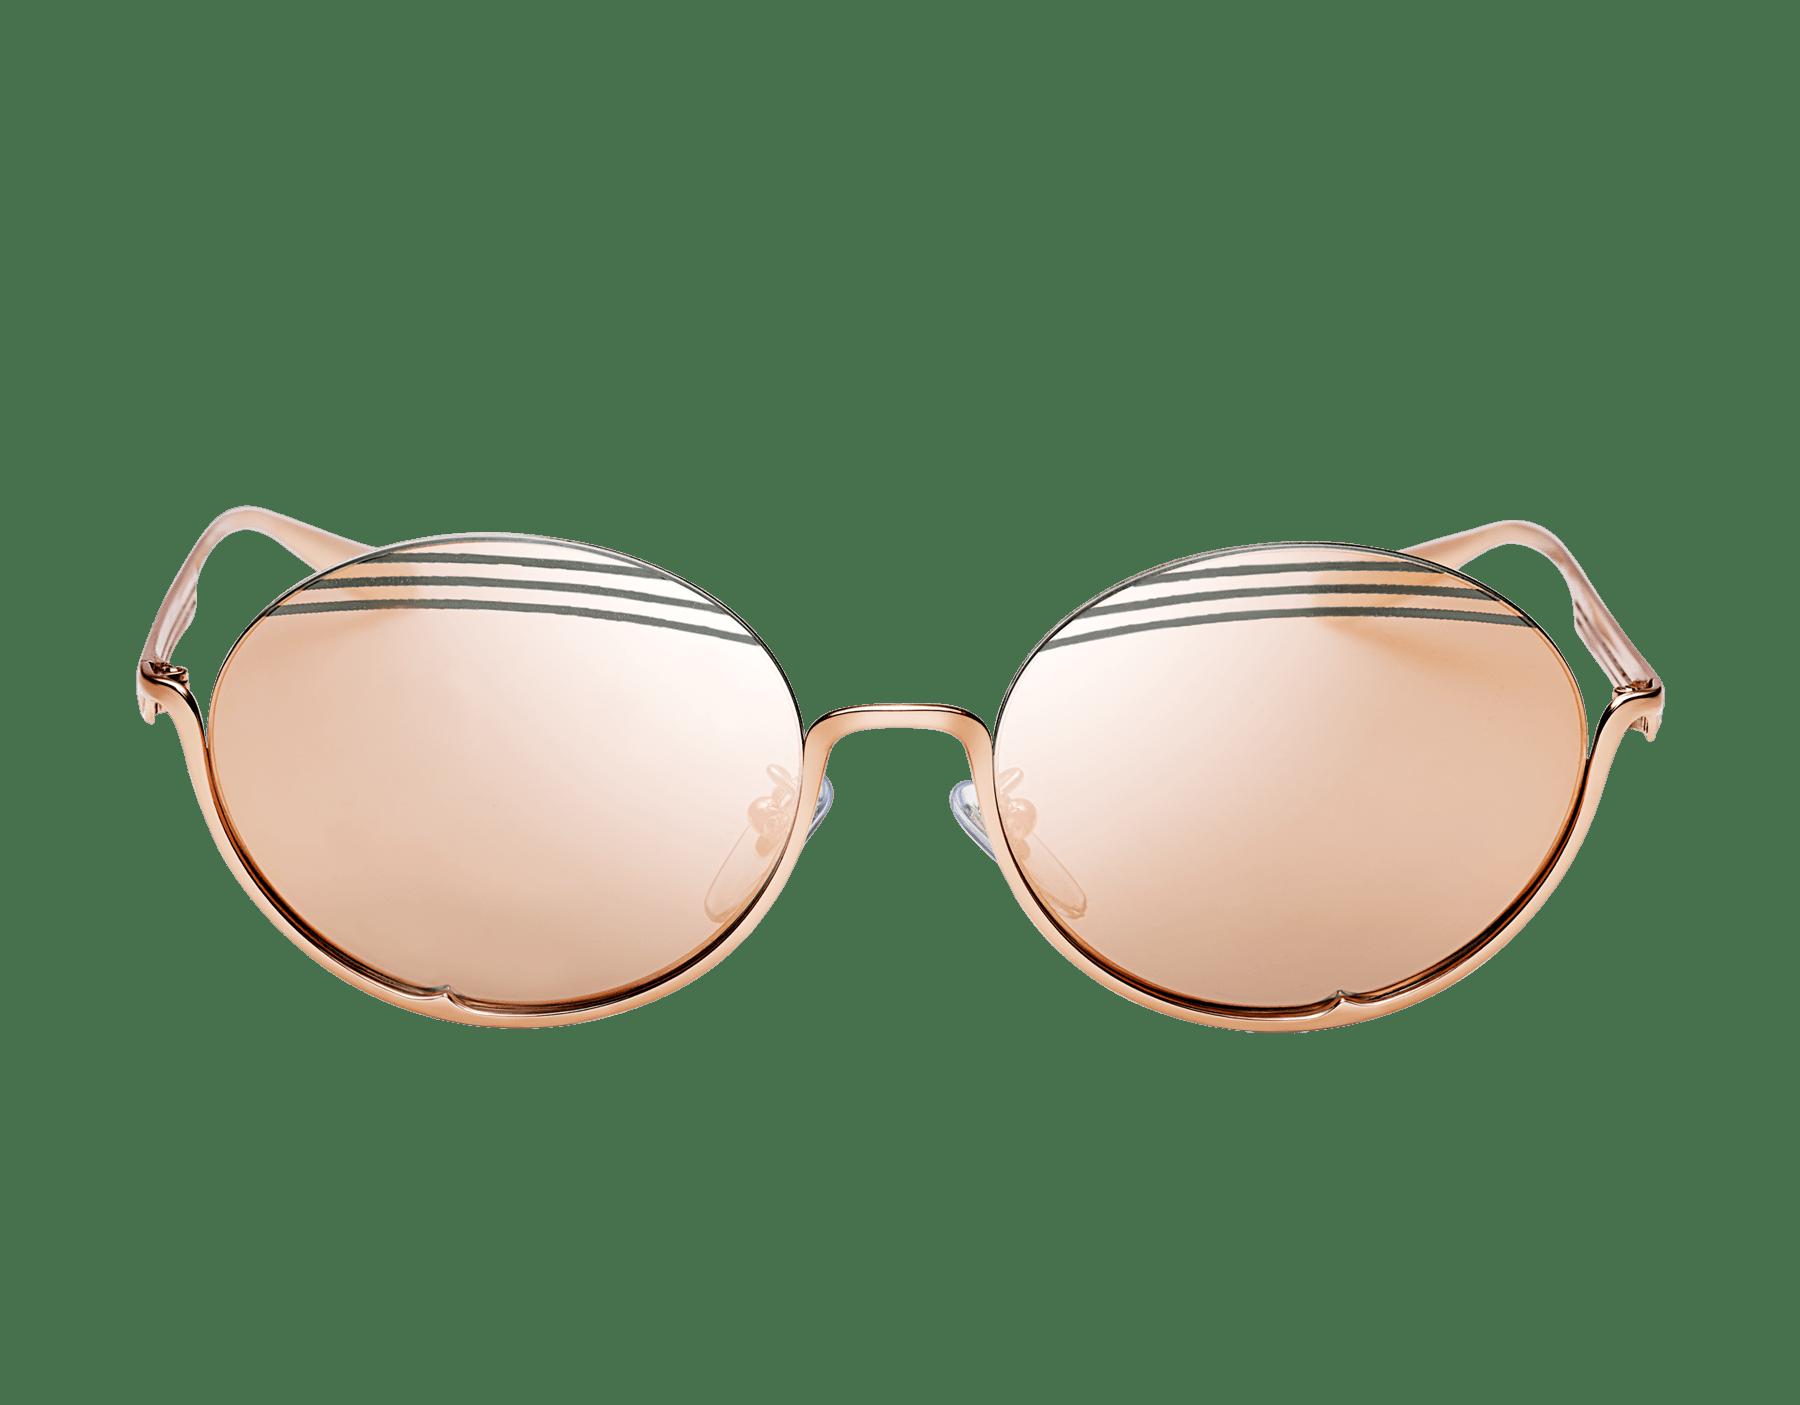 Gafas de sol Bvlgari B.zero1 B.stripe ovaladas con montura de metal. 903713 image 2